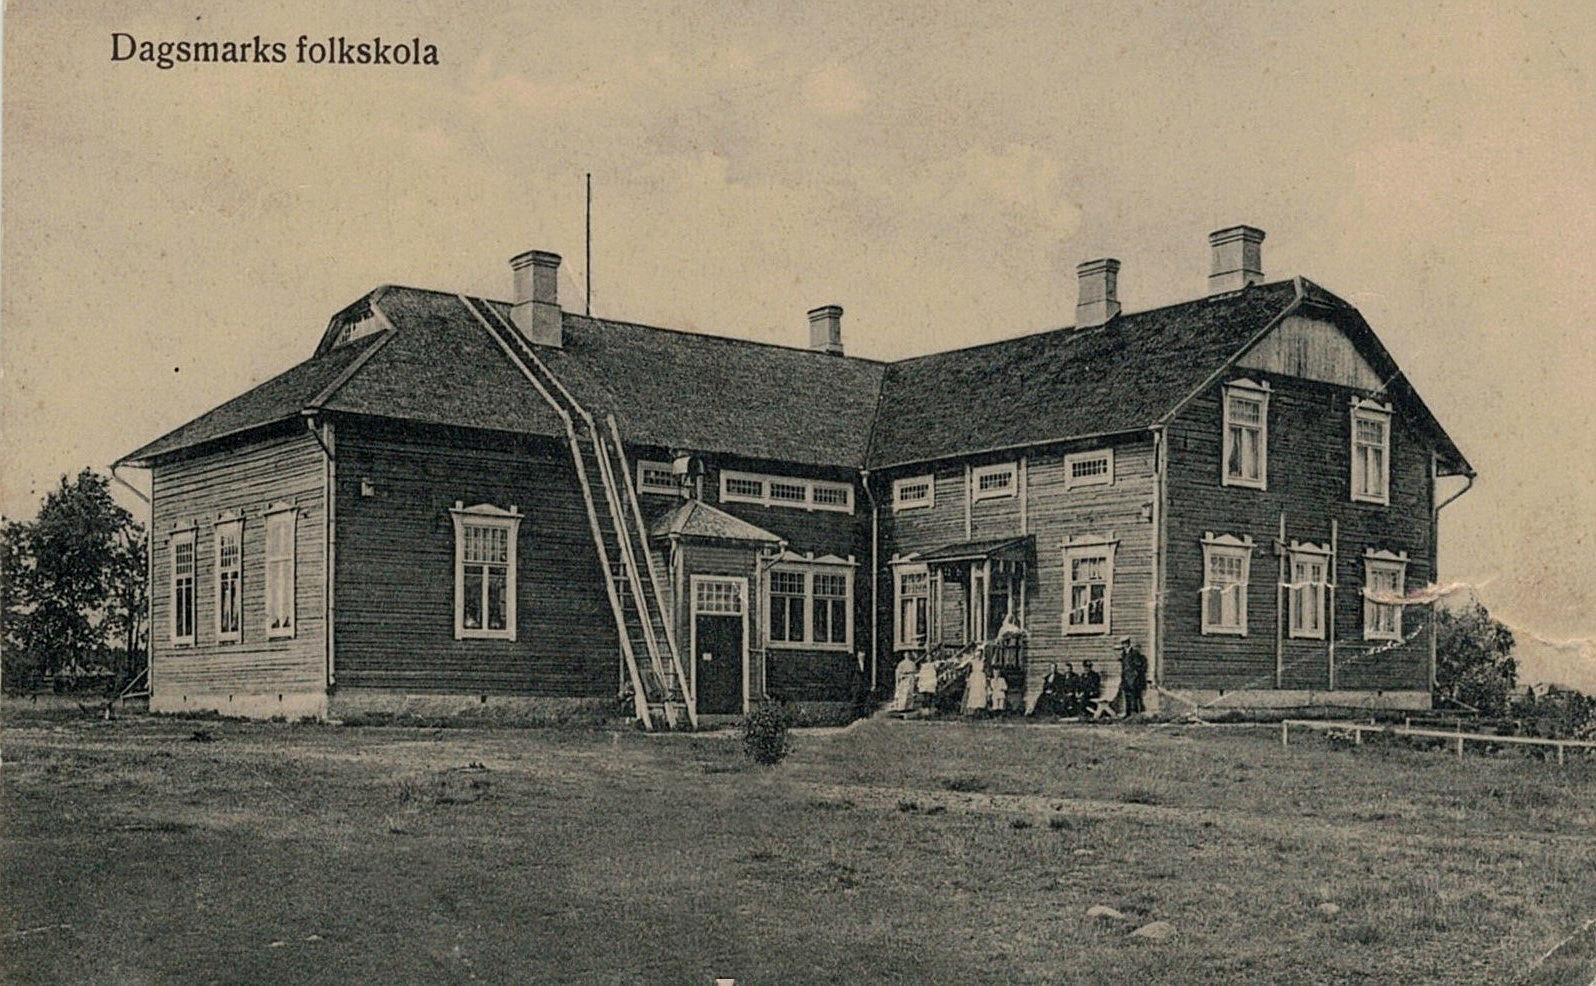 En del av familjen Wadström utanför den nybyggda folkskolan.